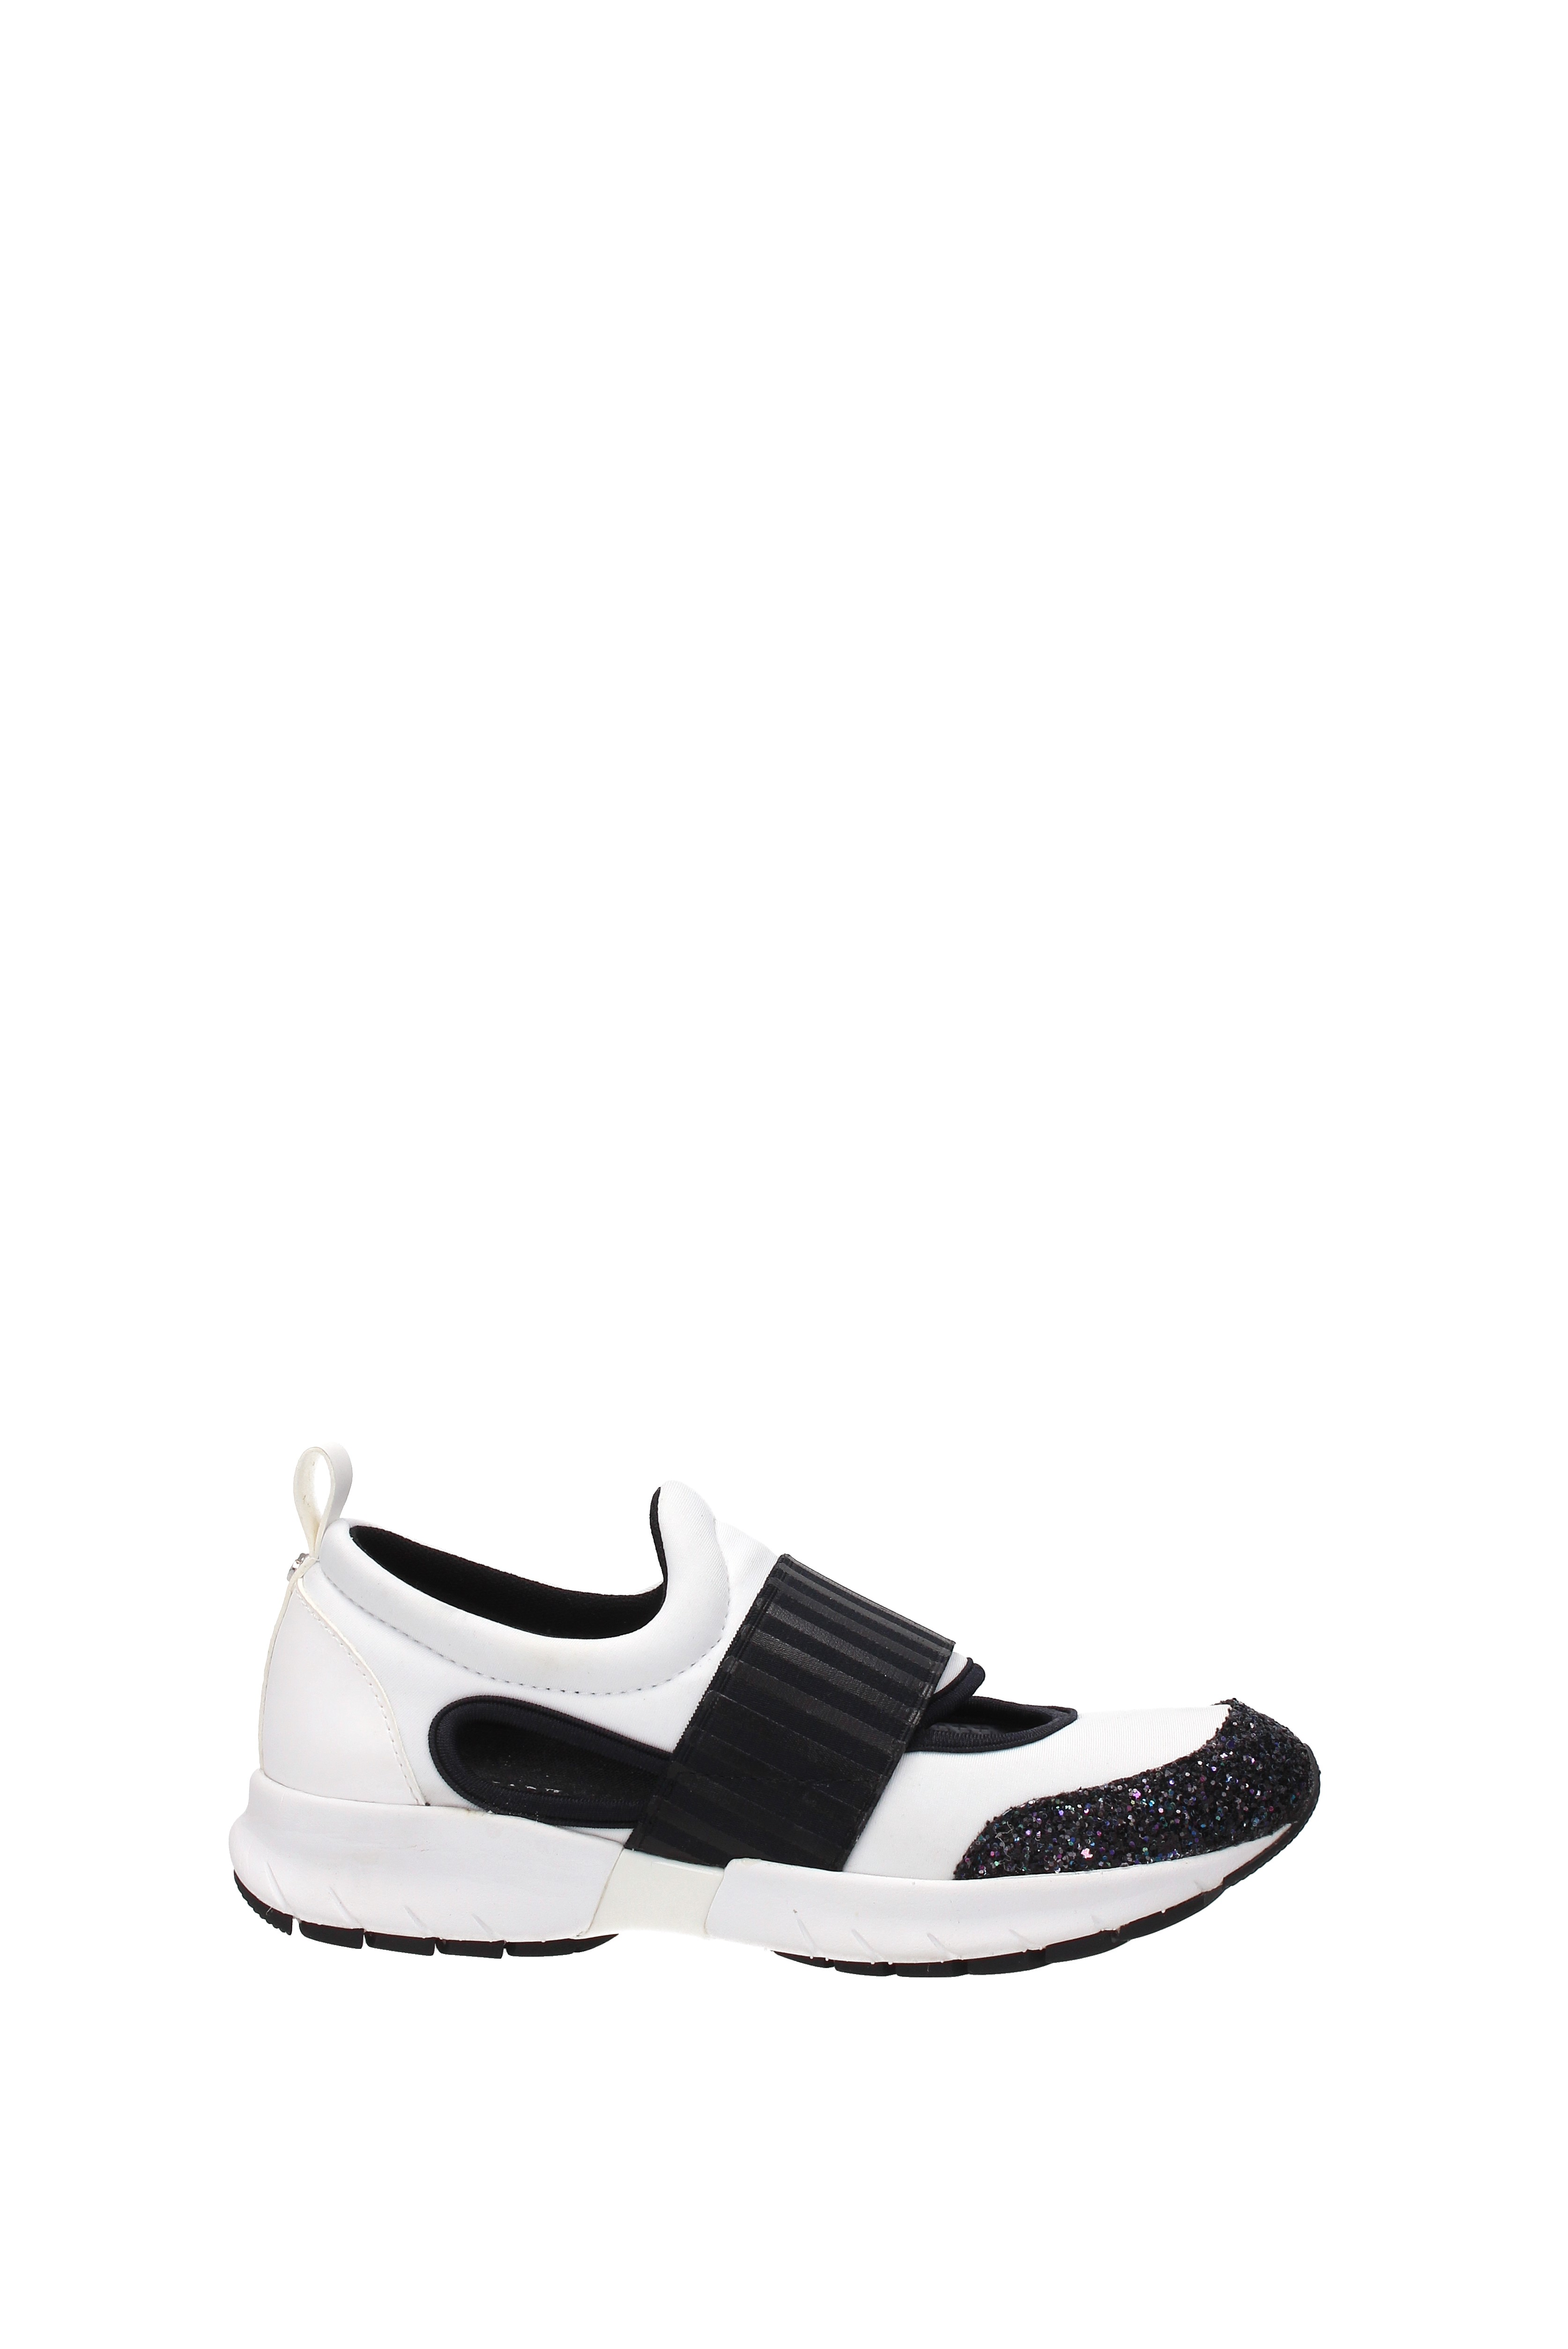 Sneakers Armani (9251817P572) Jeans Donna - Tessuto (9251817P572) Armani 9e752d